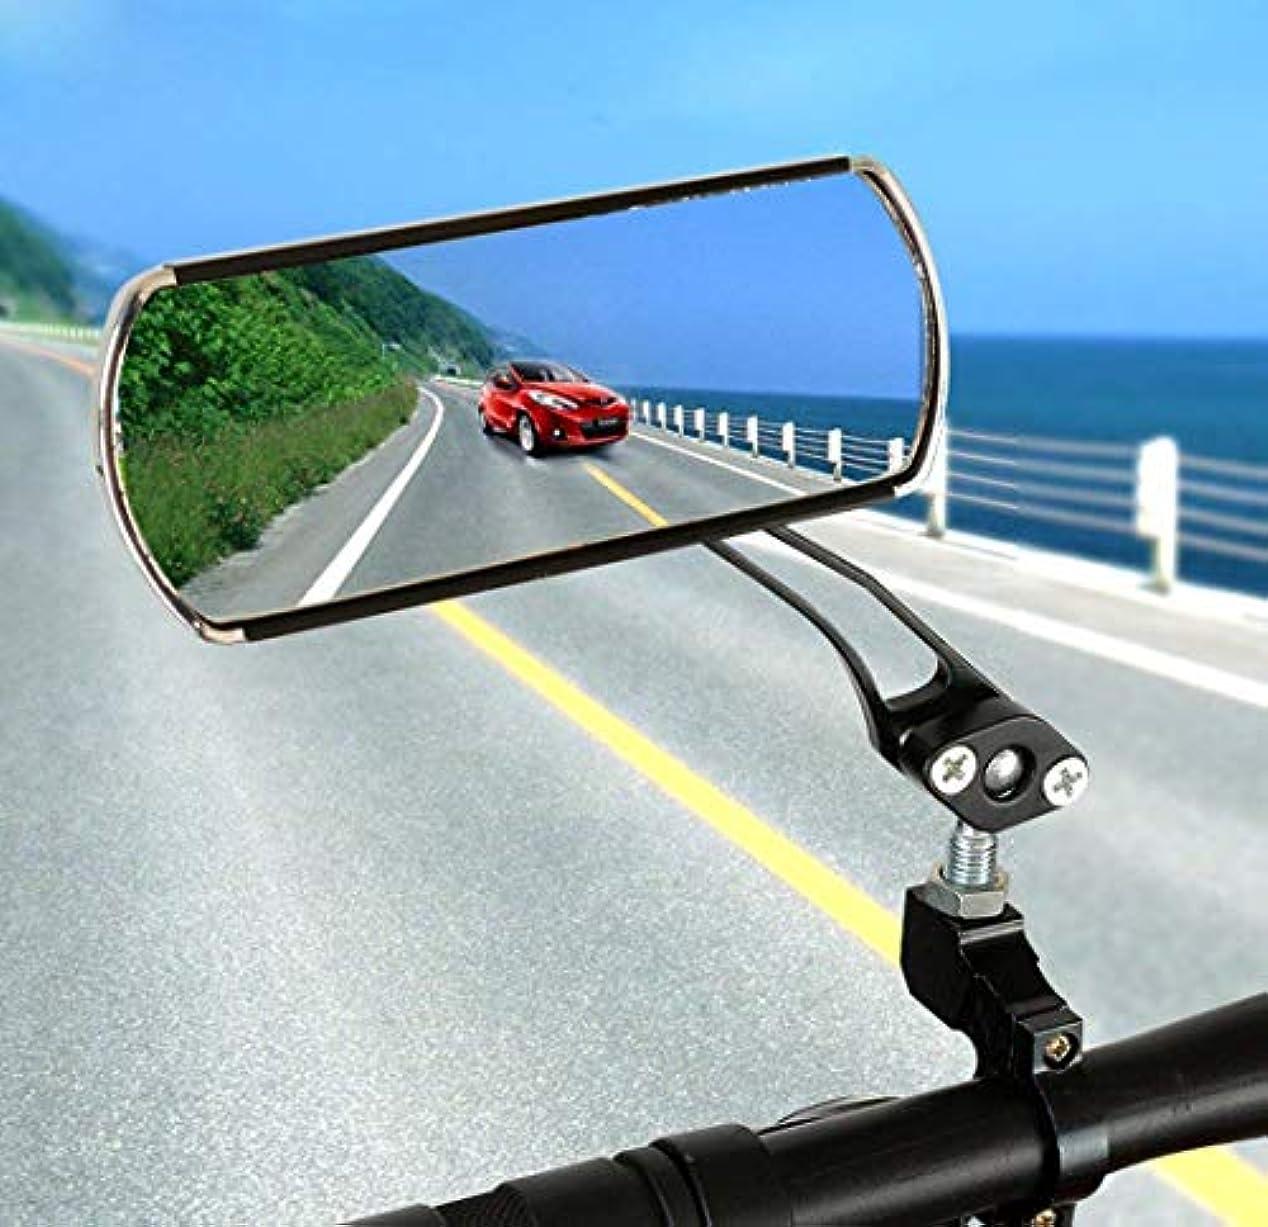 真夜中やろう陽気なYiteng 360度回転可能 セーフテスポーツ車用 バックミラー 自転車ミラー スタイリッシュミラー 自転車アクセサリー 反射鏡 平面鏡 広視野角 簡単取付 安全 耐久性 はっきり マウンテンバイク